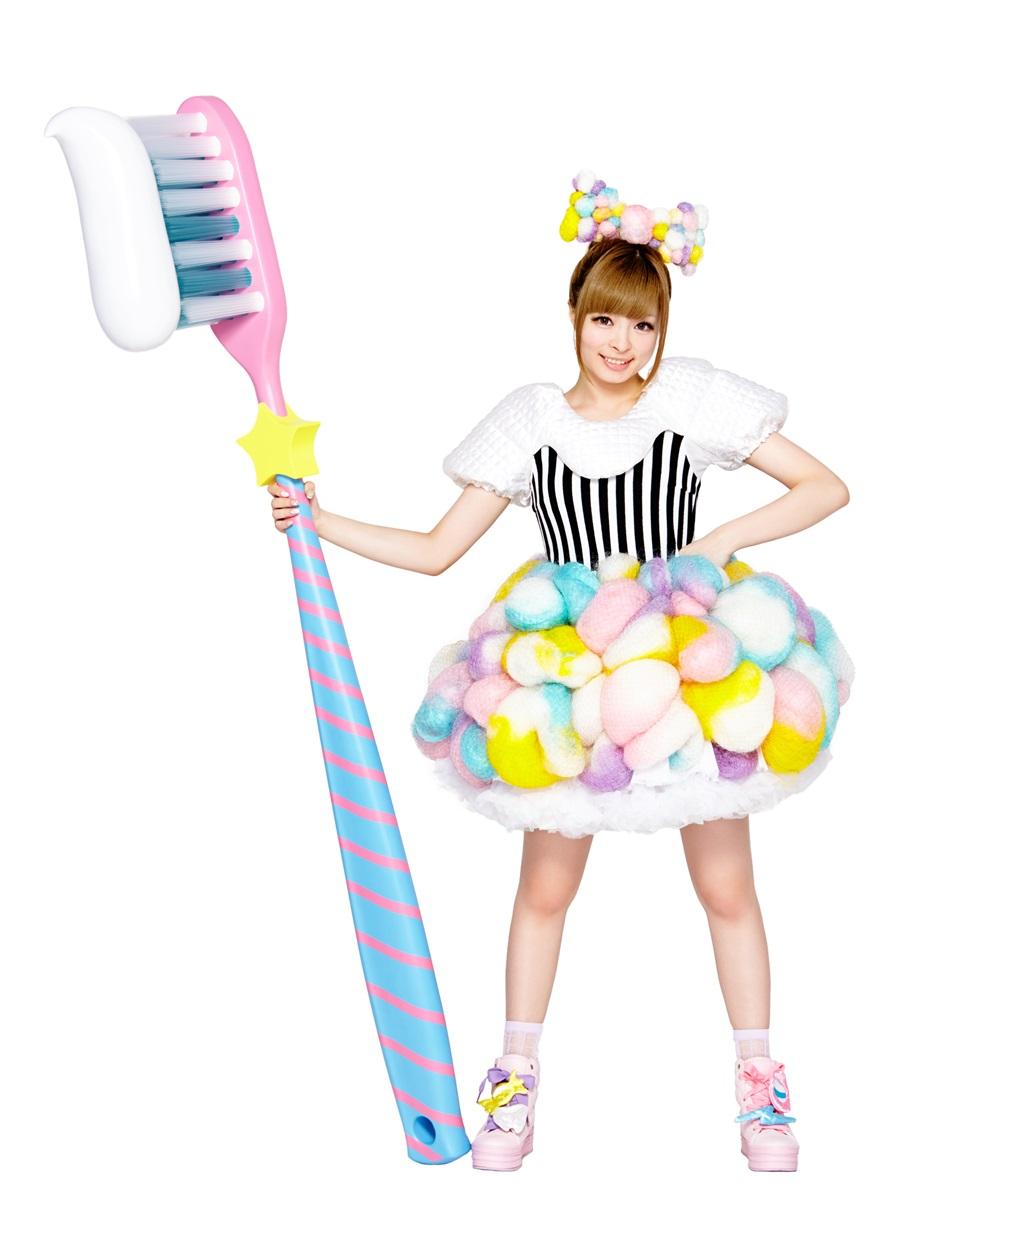 大きな歯ブラシを持ったにっこり笑顔のきゃりーぱみゅぱみゅ